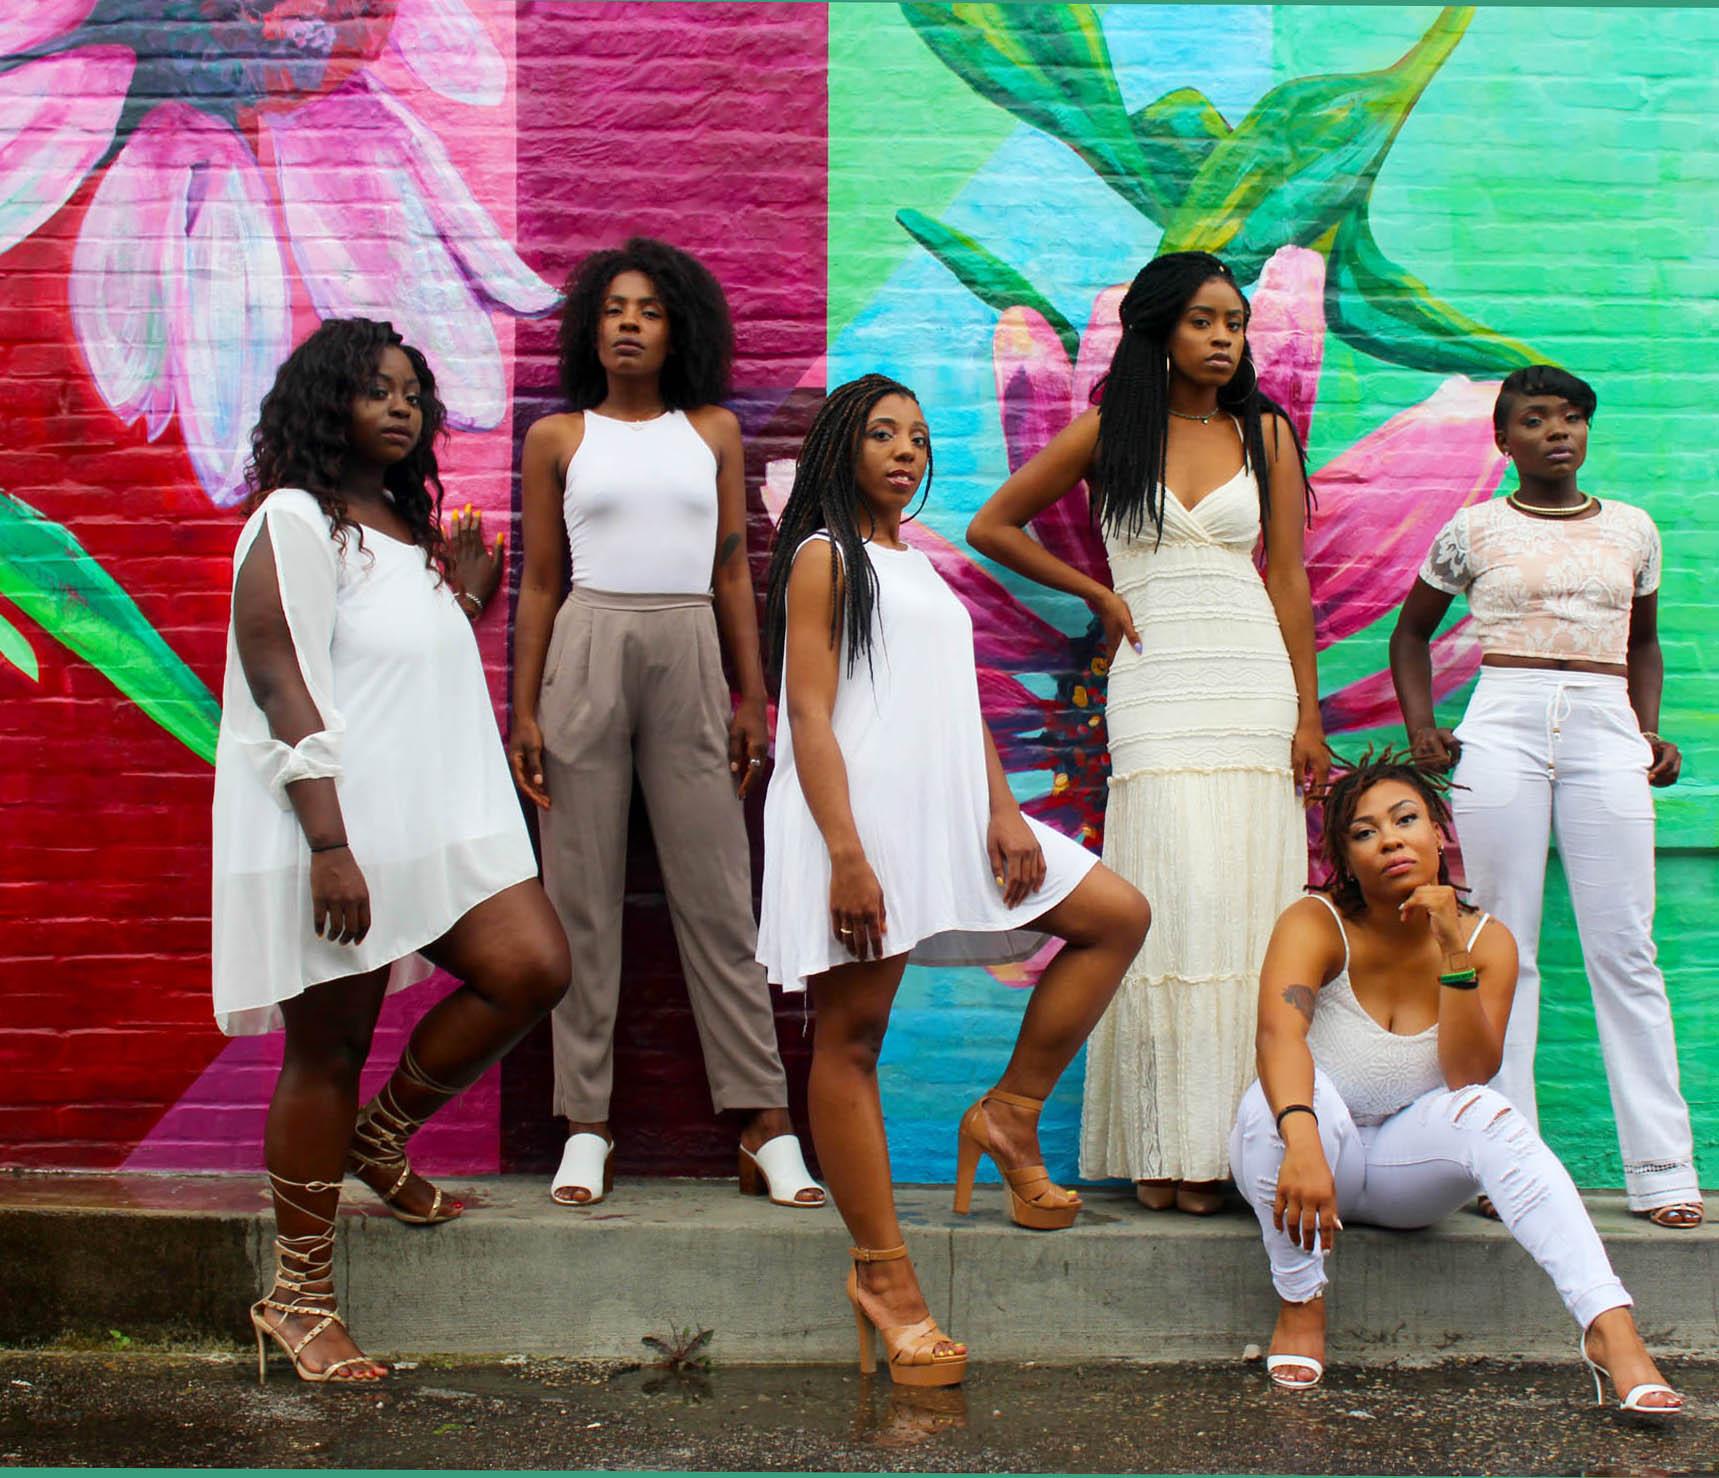 gallery-4-clarke-sanders-blackwomen-unsplash.jpg